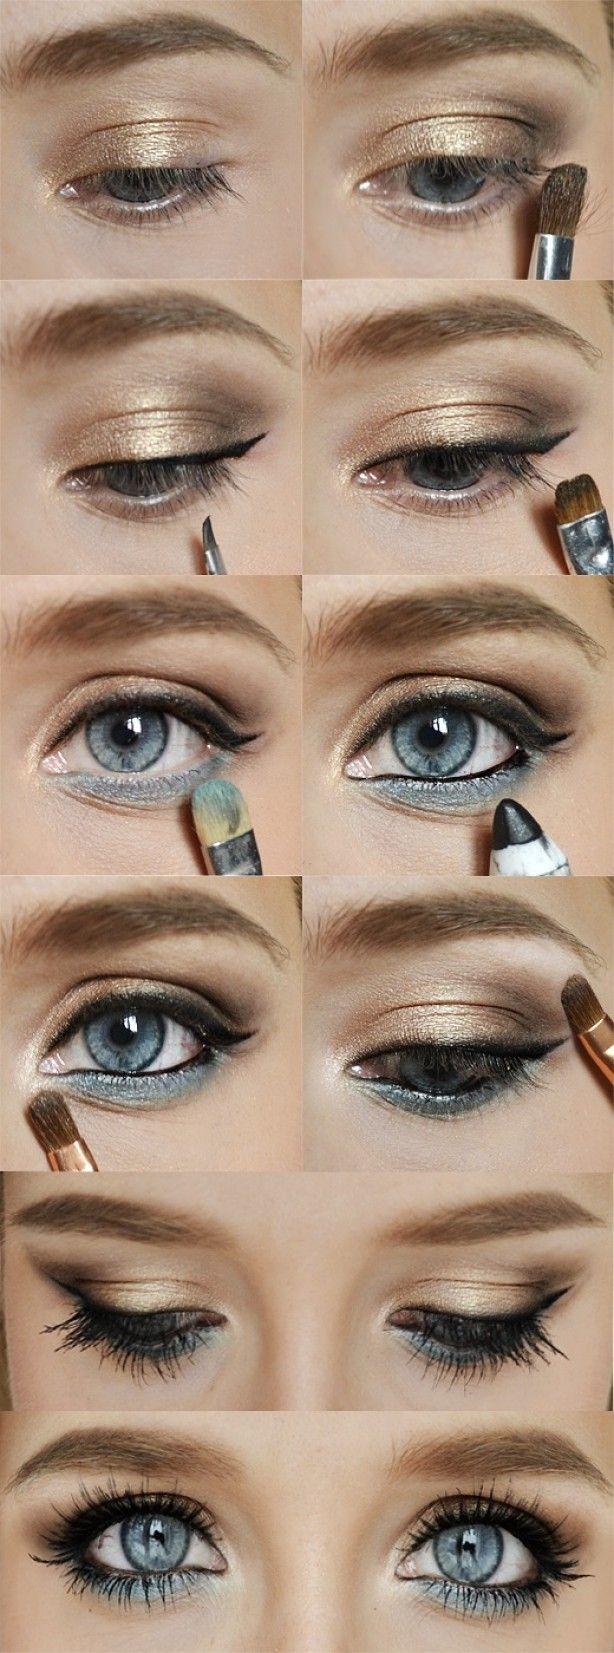 en nog een mooie voor blauwe ogen!